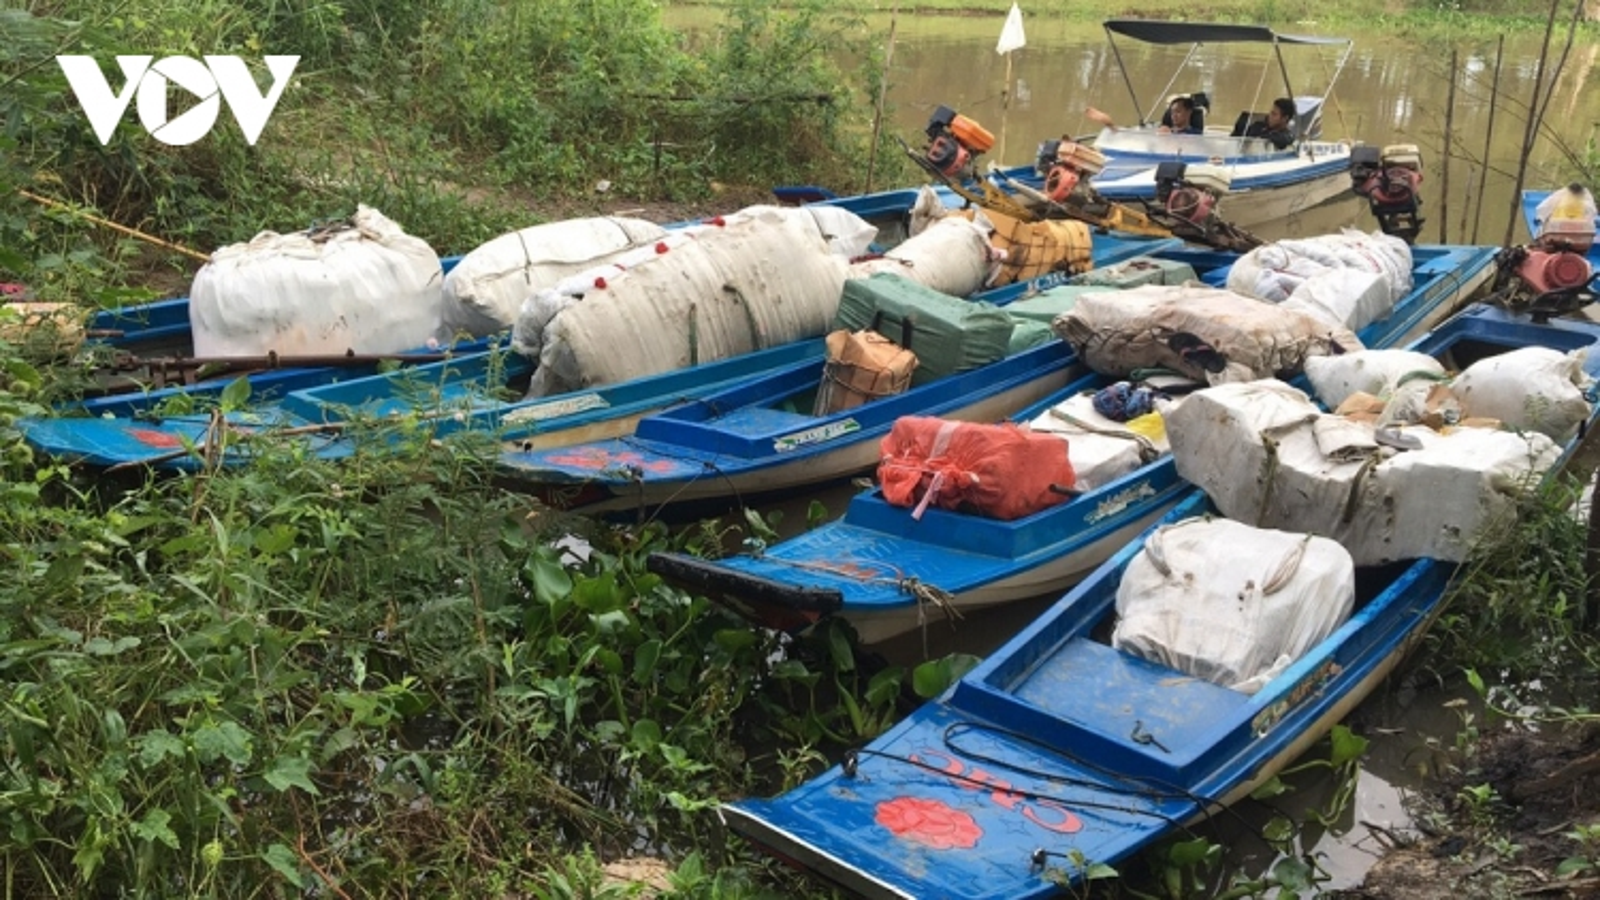 Các đối tượng buôn lậu dùng nhiều thủ đoạn mới vận chuyển hàng lậu ở An Giang